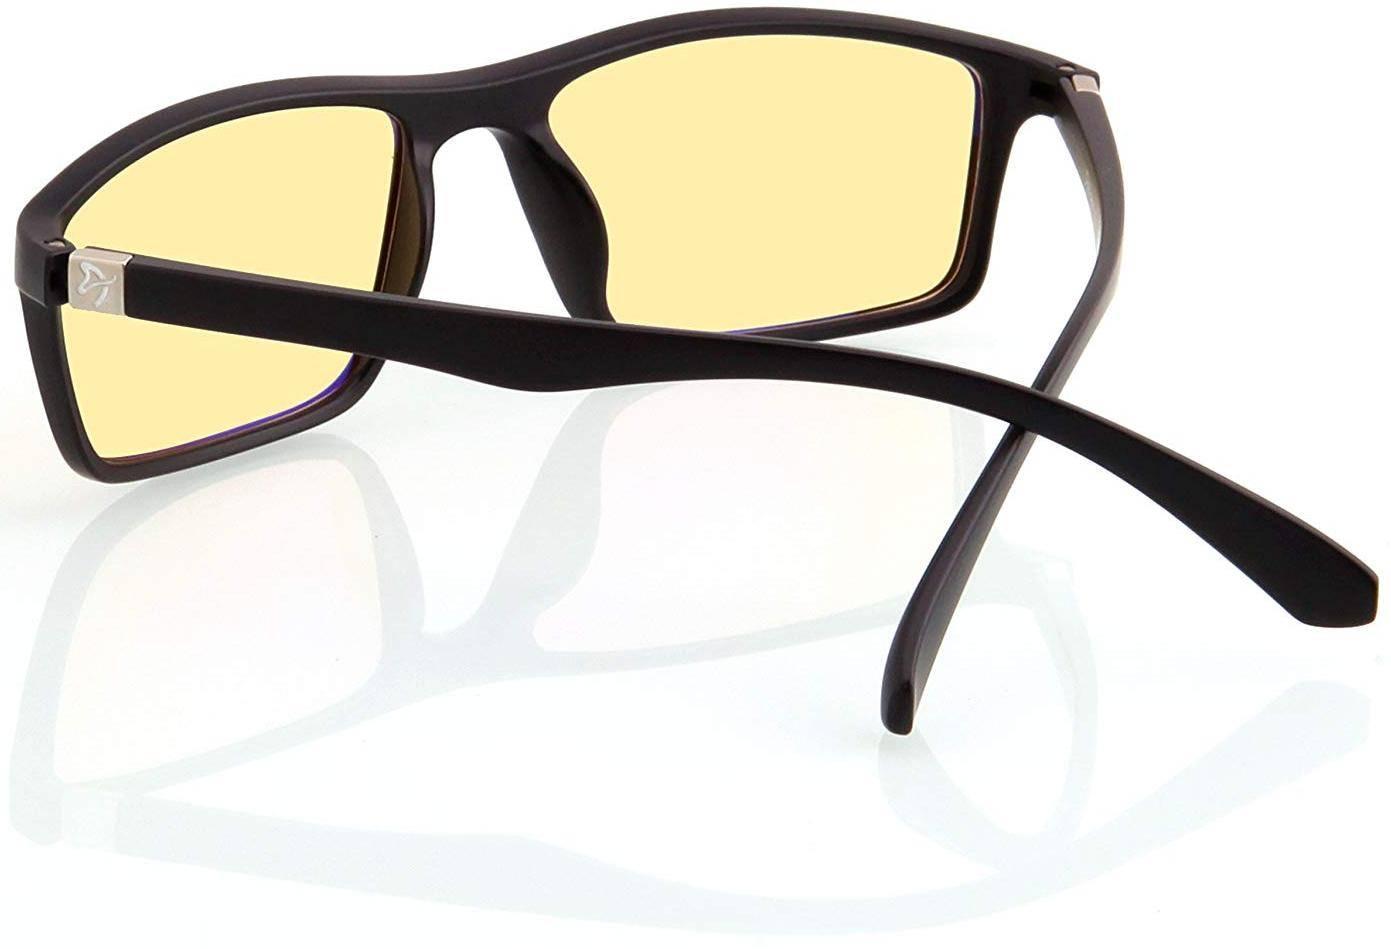 Очки для работы за компьютером - лучшие модели 2020 года, какой вид выбрать?